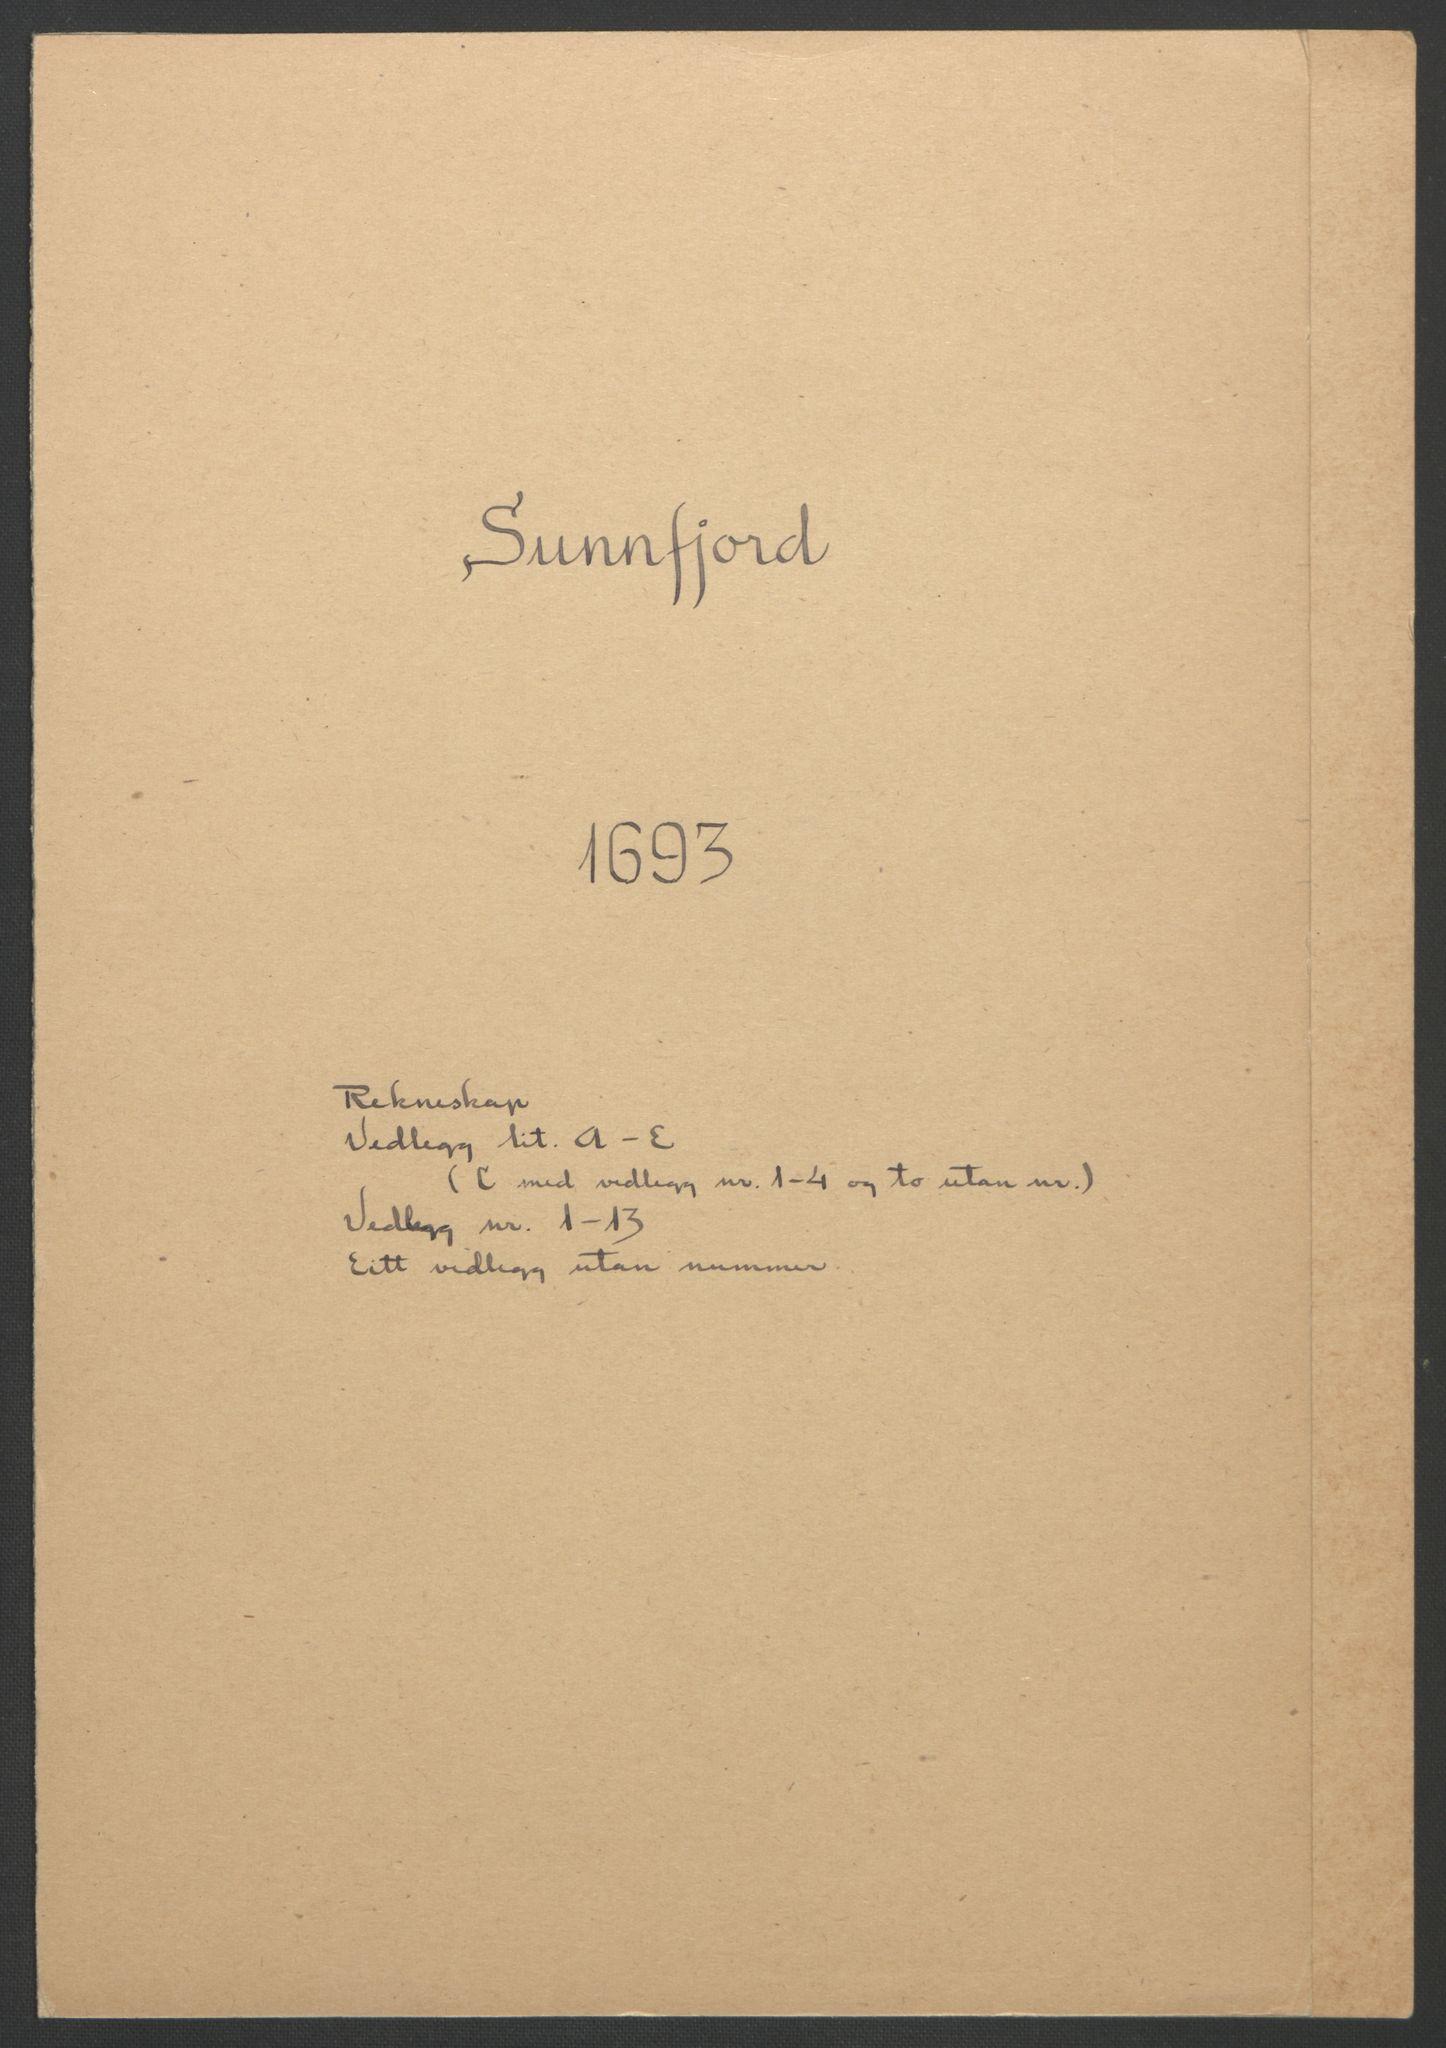 RA, Rentekammeret inntil 1814, Reviderte regnskaper, Fogderegnskap, R53/L3421: Fogderegnskap Sunn- og Nordfjord, 1693-1694, s. 3